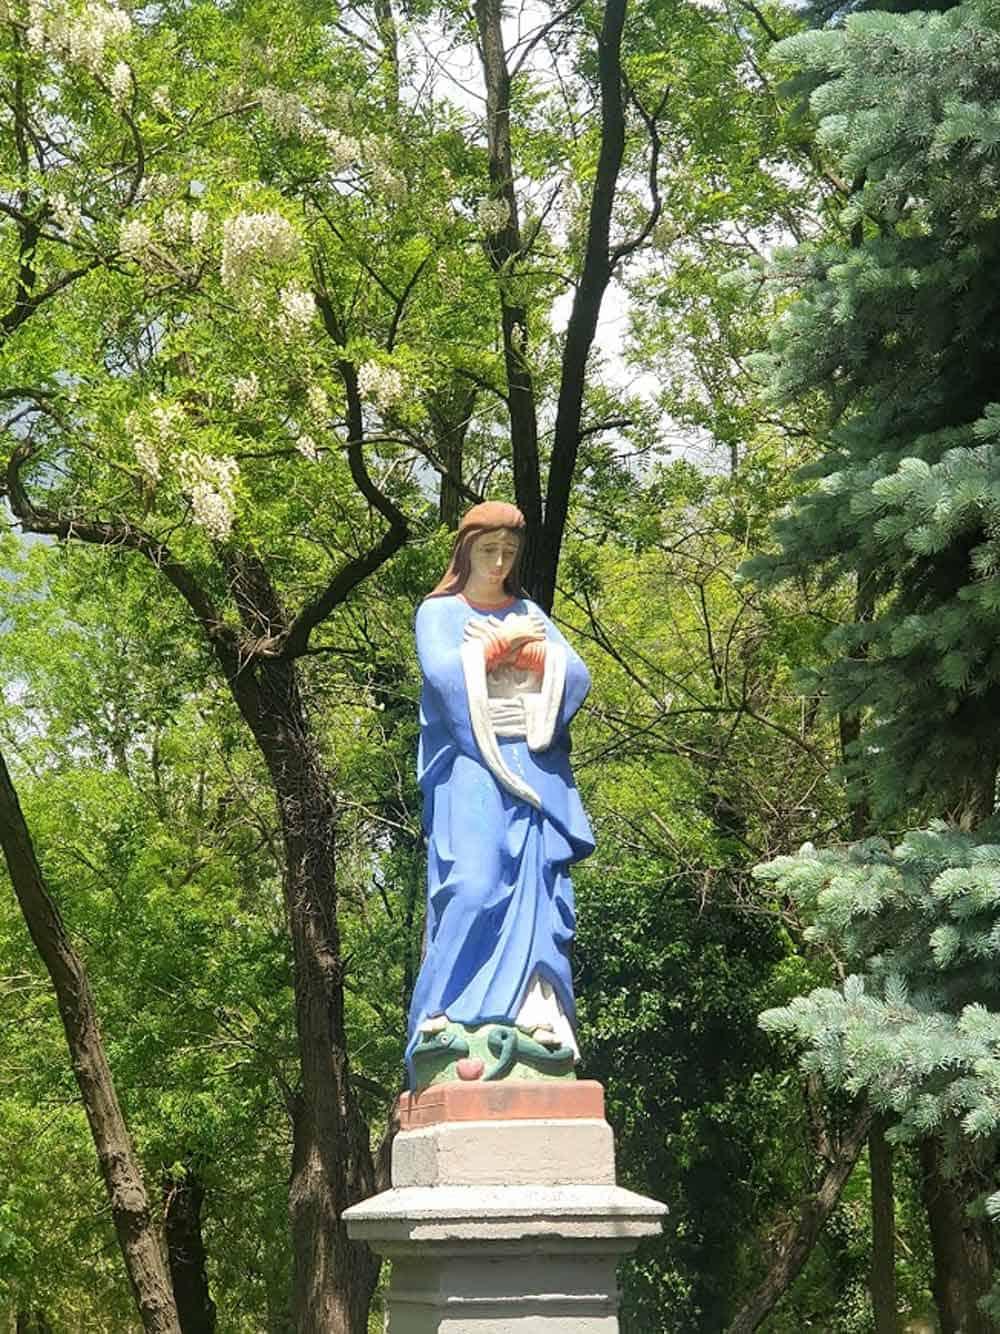 ZAŠTITNICA GRADA: Kip Bogorodice u proti crkve